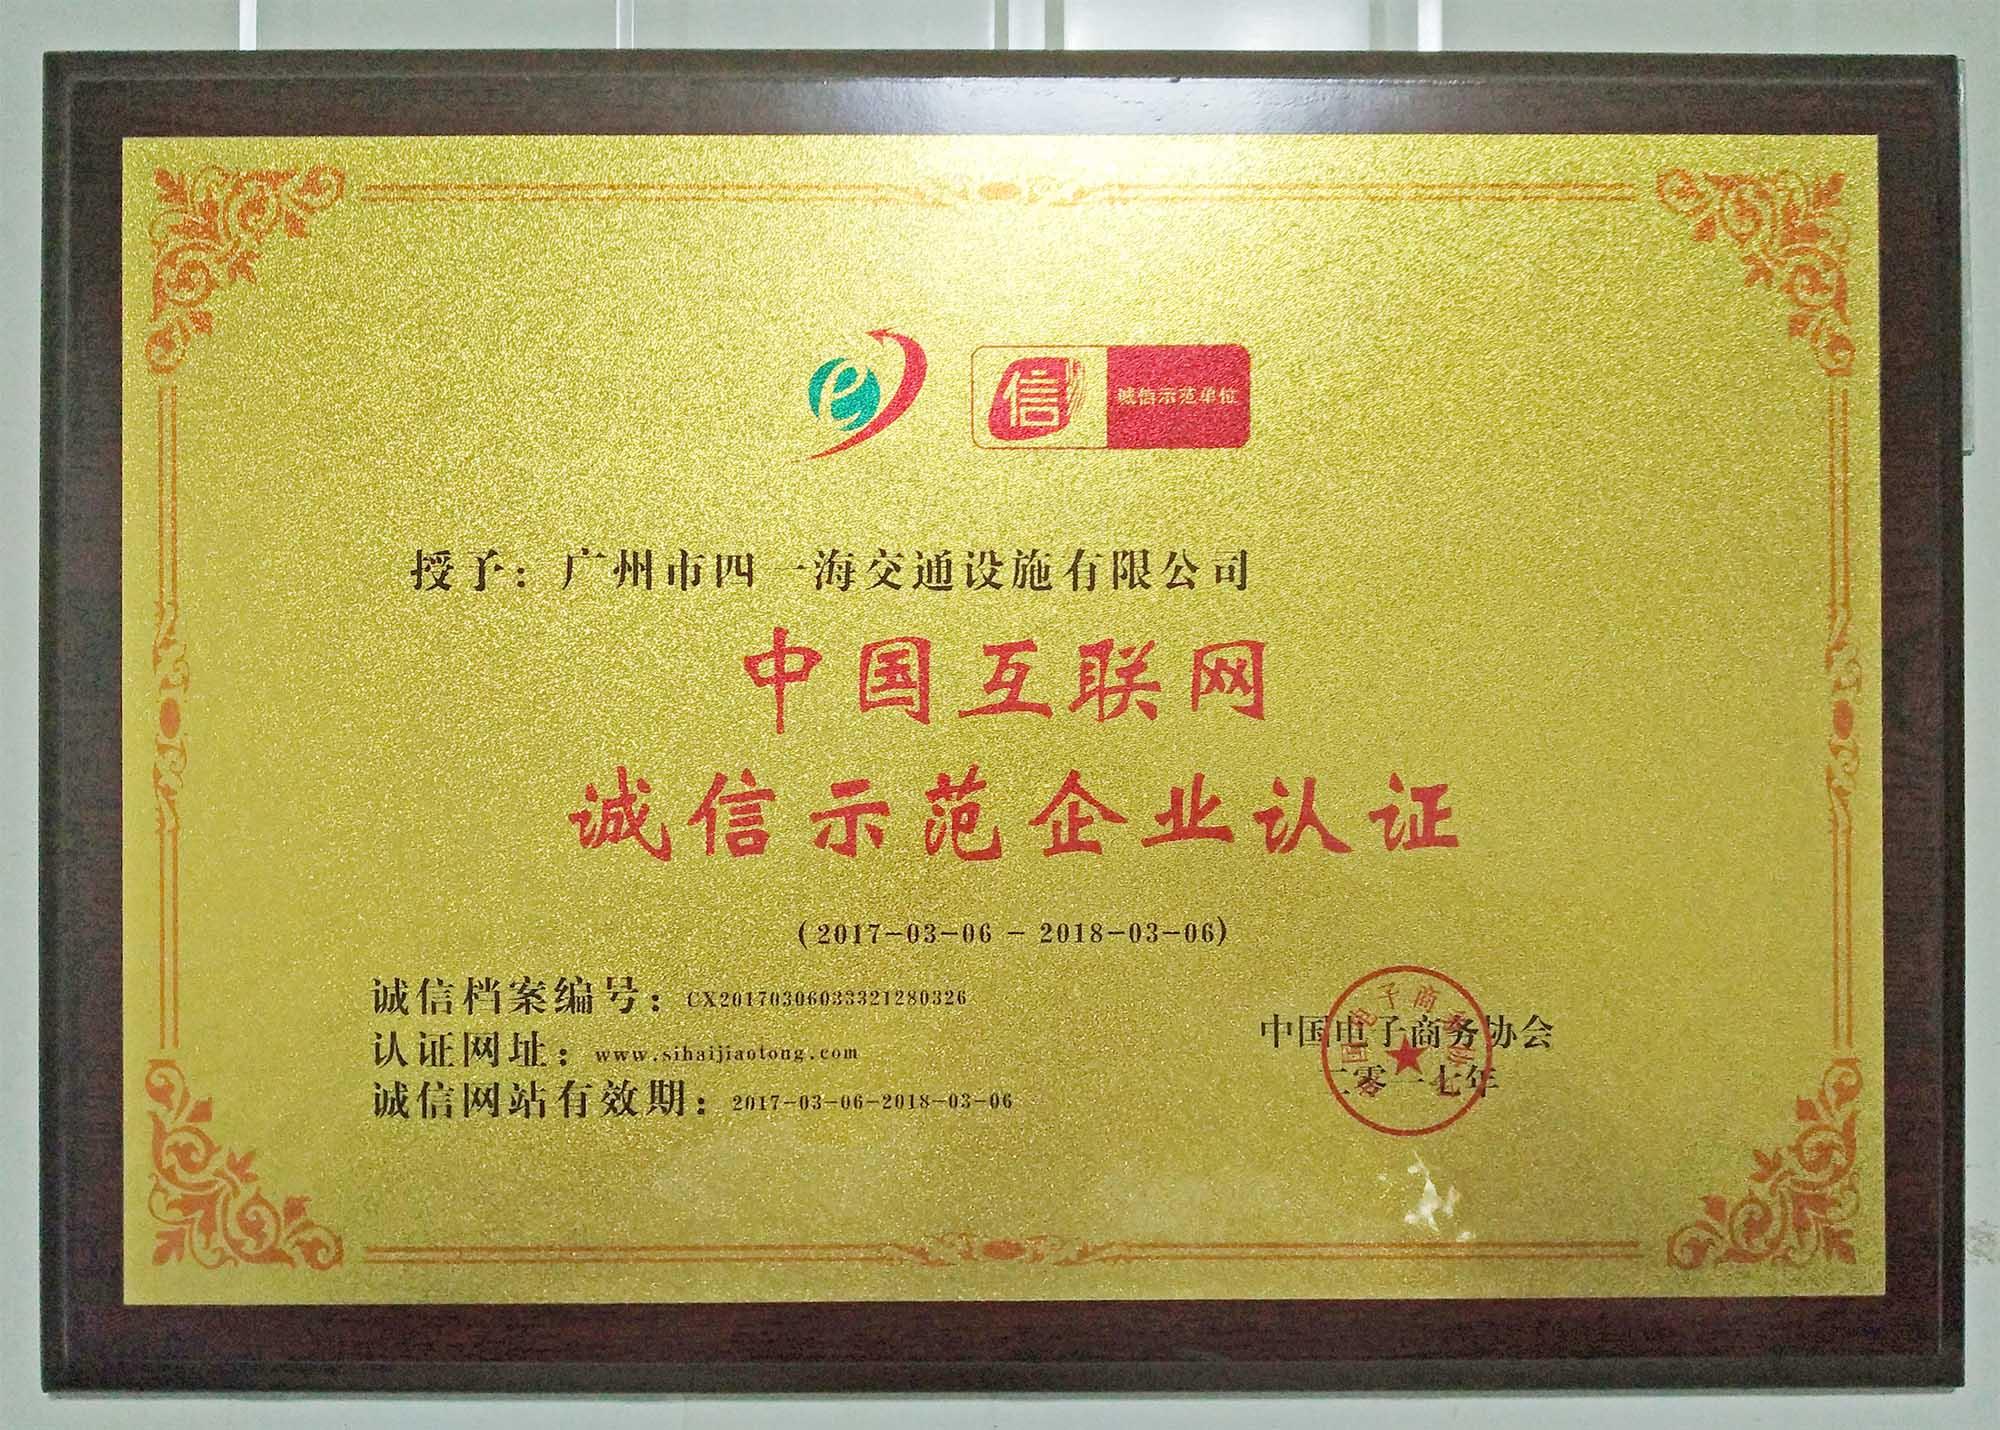 四海交通继2015年被评为《中国互联网诚信单位,2017年再次被评为《中国互联网诚信示范单位》,档案编号CX201703060333212803 由中国电子商务协会颂发-公司动态-新闻中心-广东四海交通集团